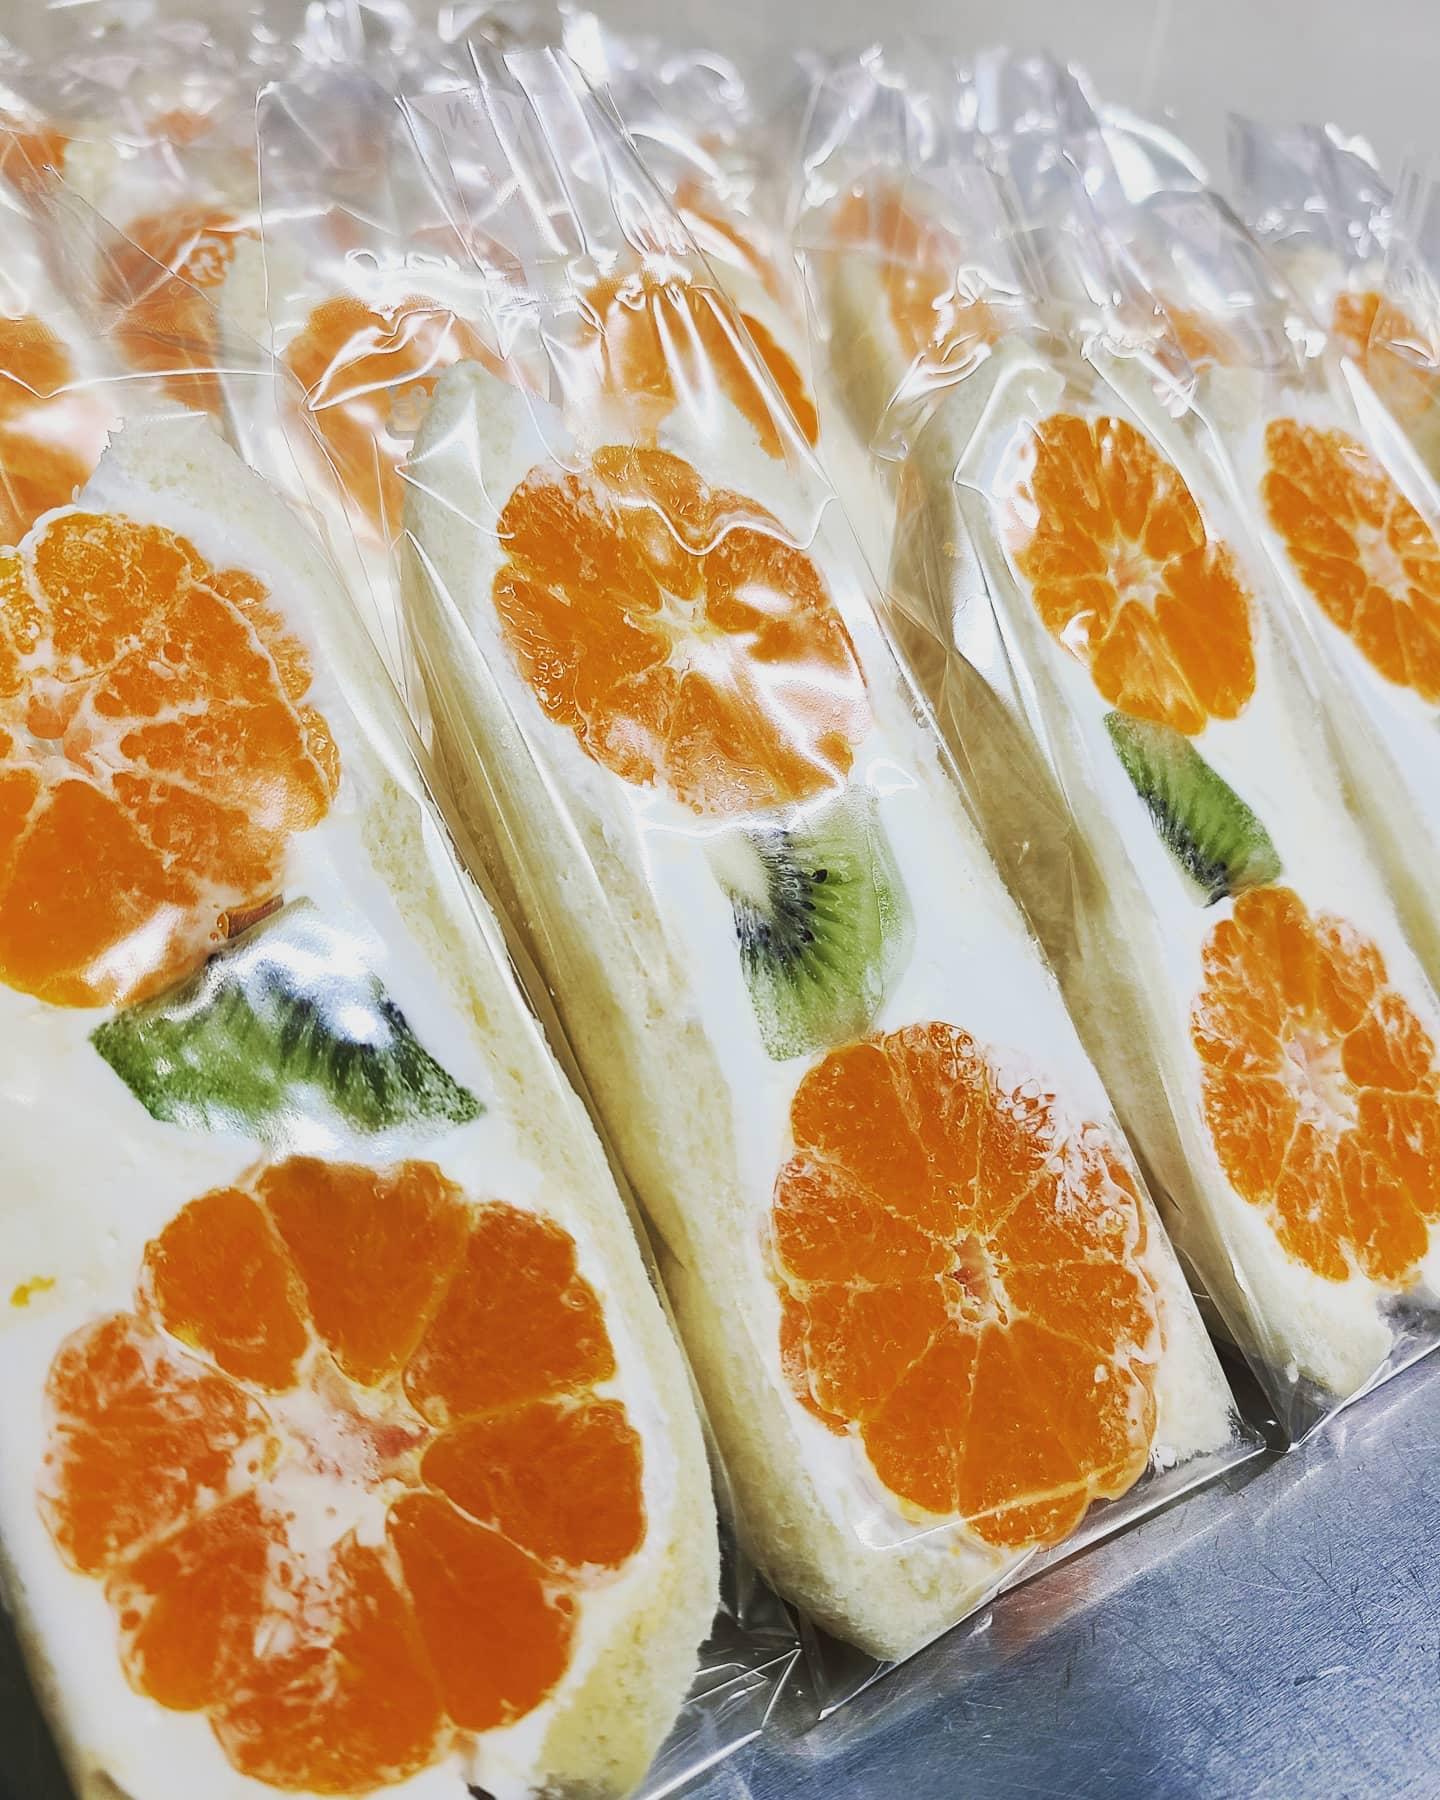 ◎明日のフルーツサンドのお品書き  ・いちごホイップ ・いちごカスタードホイップ ・いちごあんこホイップ ・バナナ ・みかん&キウイ ・パイナップル ・せとか ・清美オレンジ ・ミックス ・マンゴー ・焼芋  いちごは、やよいひめを使用します。 みかんはお袋さんを使用します。今回でみかんは終了となります。 なるべく多くのお客様にご提供するためお客様一組(ひと家族)5個までと致します。  今回から整理券を配布しての販売となります。 配布時間は10:00から配布いたします。(店舗入口にて) 配布時間の10分前より前にお並びするのはご遠慮下さい。 ※数に限りがあるため先着80組限定で整理券をお配りいたします。 ※整理券に記載のある受付時間にご来店いただく方法とさせて頂きます。 受付時間は下記の通りです。 ①11:00-12:00  ②12:00-13:00  ③13:00-14:00 ④14:00-15:00  ※受付時間を過ぎた場合は整理券を無効とさせ頂きます。 ※15:00以降にフルーツサンドがあるようでしたら通常販売いたします。 ※受付時間に応じて種類が限られてしまいますことご理解ください。  またお越しいただく際の駐車場なのですが通常正面の共有駐車場だけなのですが今回から臨時駐車場として桐生信用金庫境支店様の駐車場をお借り出来ましたので、その2か所に駐車お願い致します。 ※桐生信用金庫店舗入口付近の駐車はご遠慮下さい。 ※近隣の商業施設の駐車はご遠慮下さい。  お客様には、ご理解のほどよろしくお願いいたします。